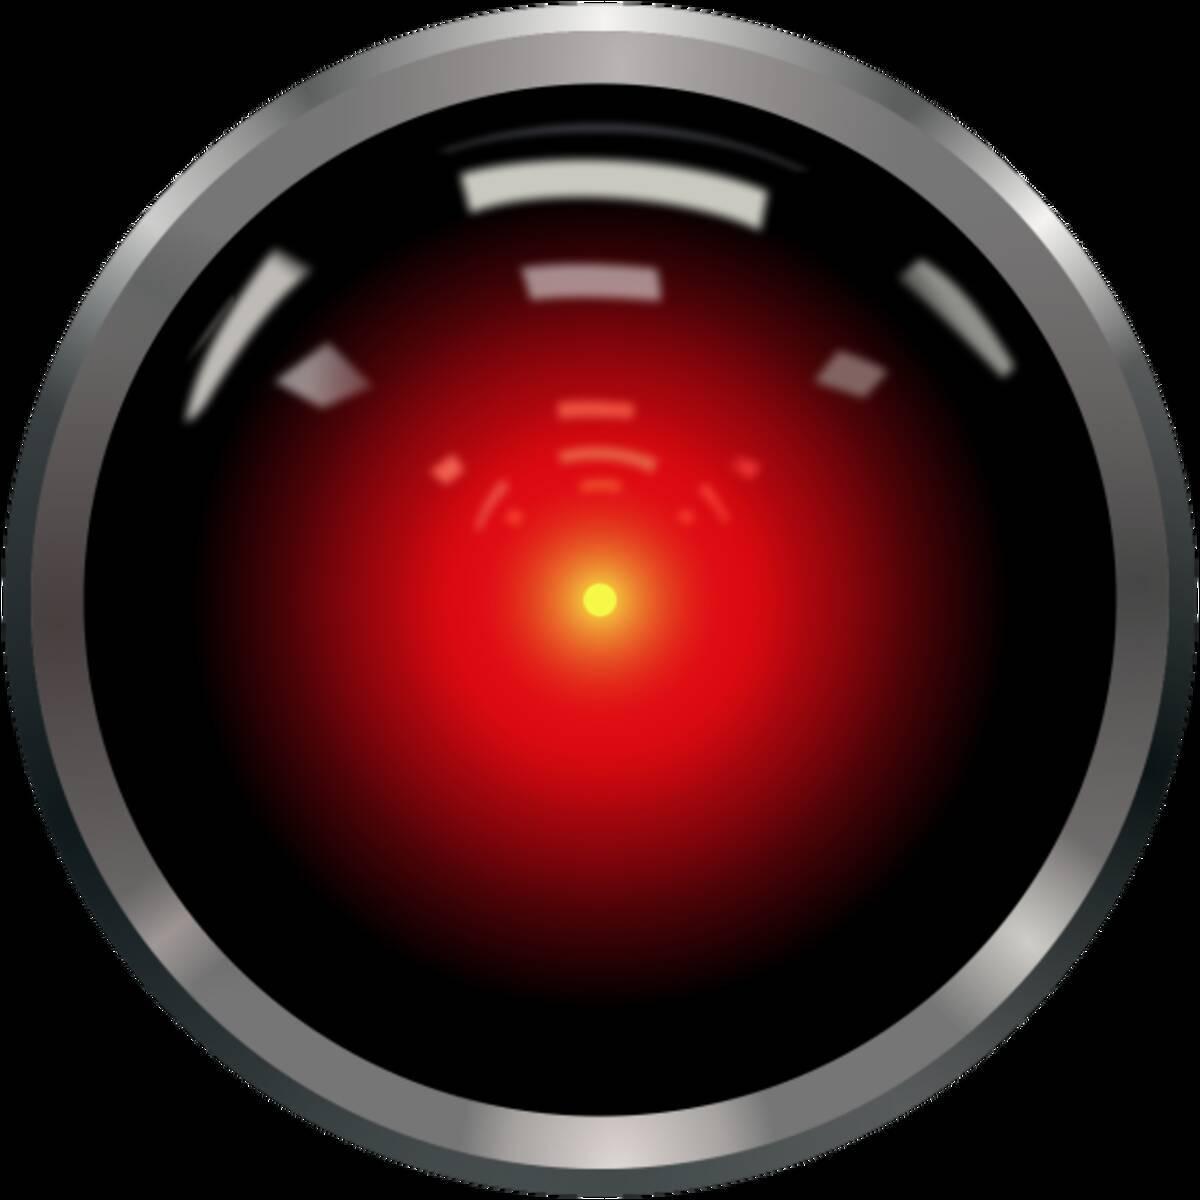 01年宇宙の旅 Hal 9000からヒントを得た人工知能 Ai を開発 宇宙飛行士の安全を守る 米研究 18年11月28日 エキサイトニュース 2 3